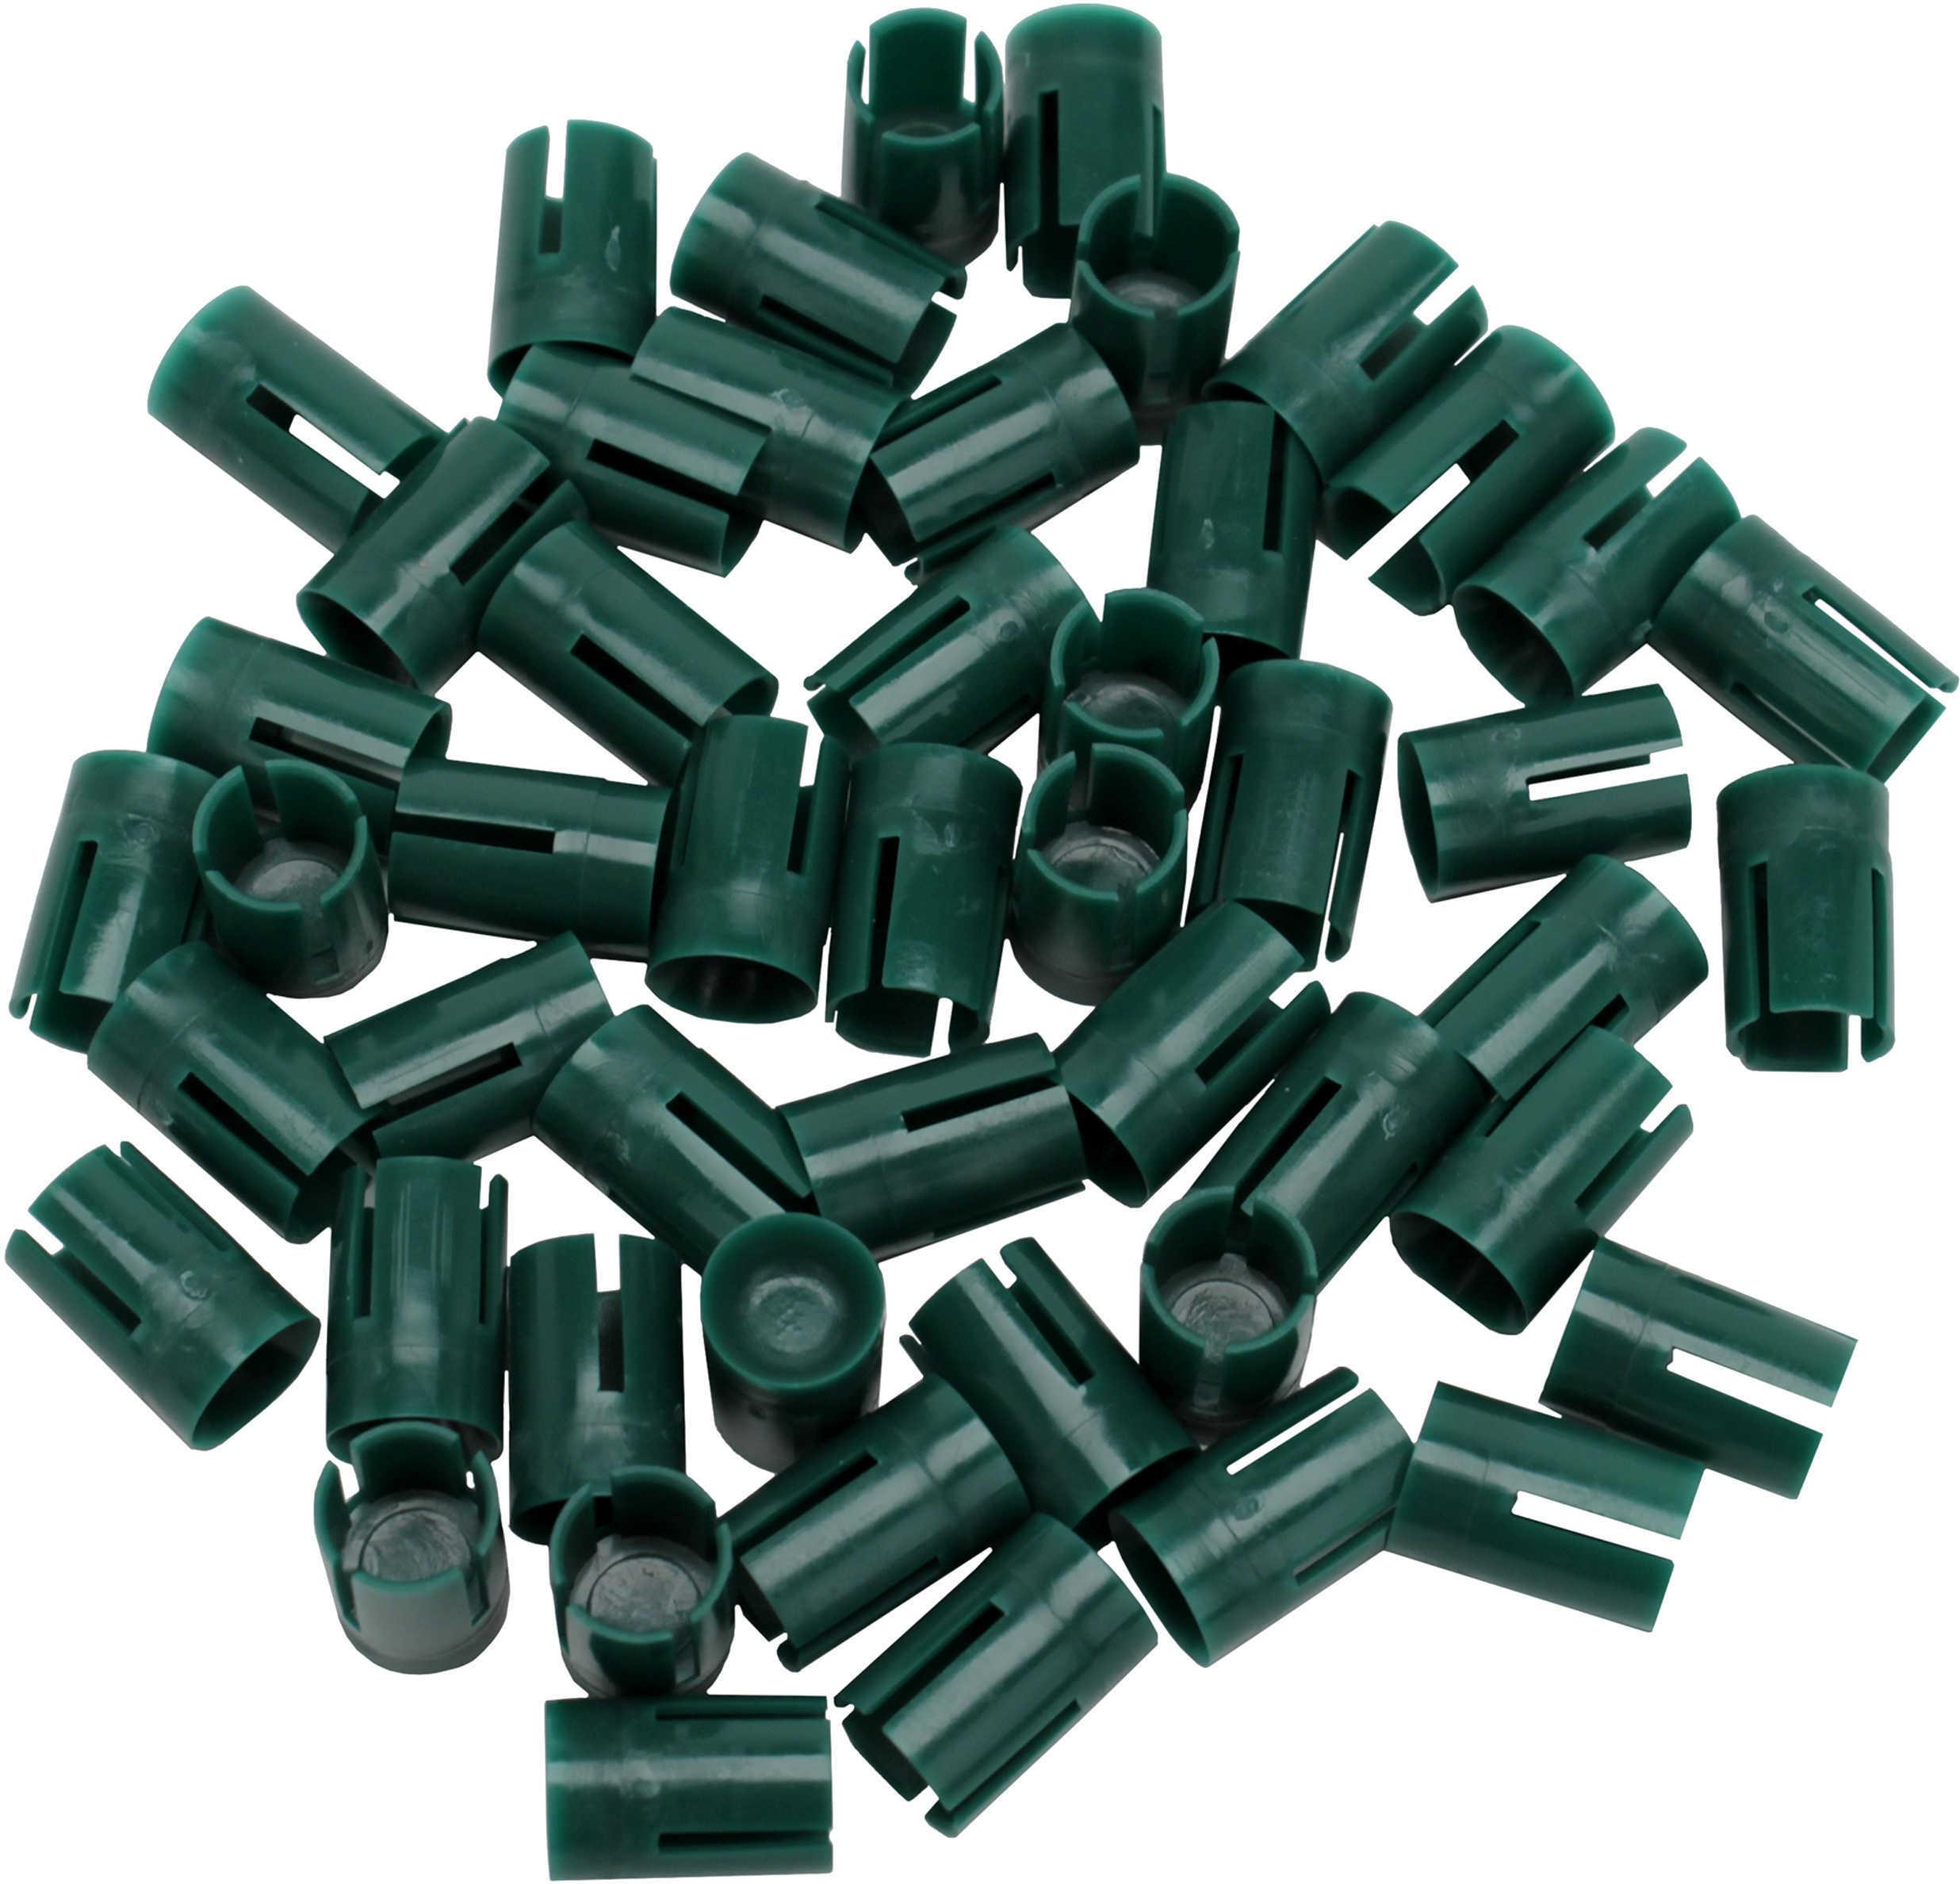 Hornady Sabots Only 50 Caliber, Green Per 50 Md: 6750